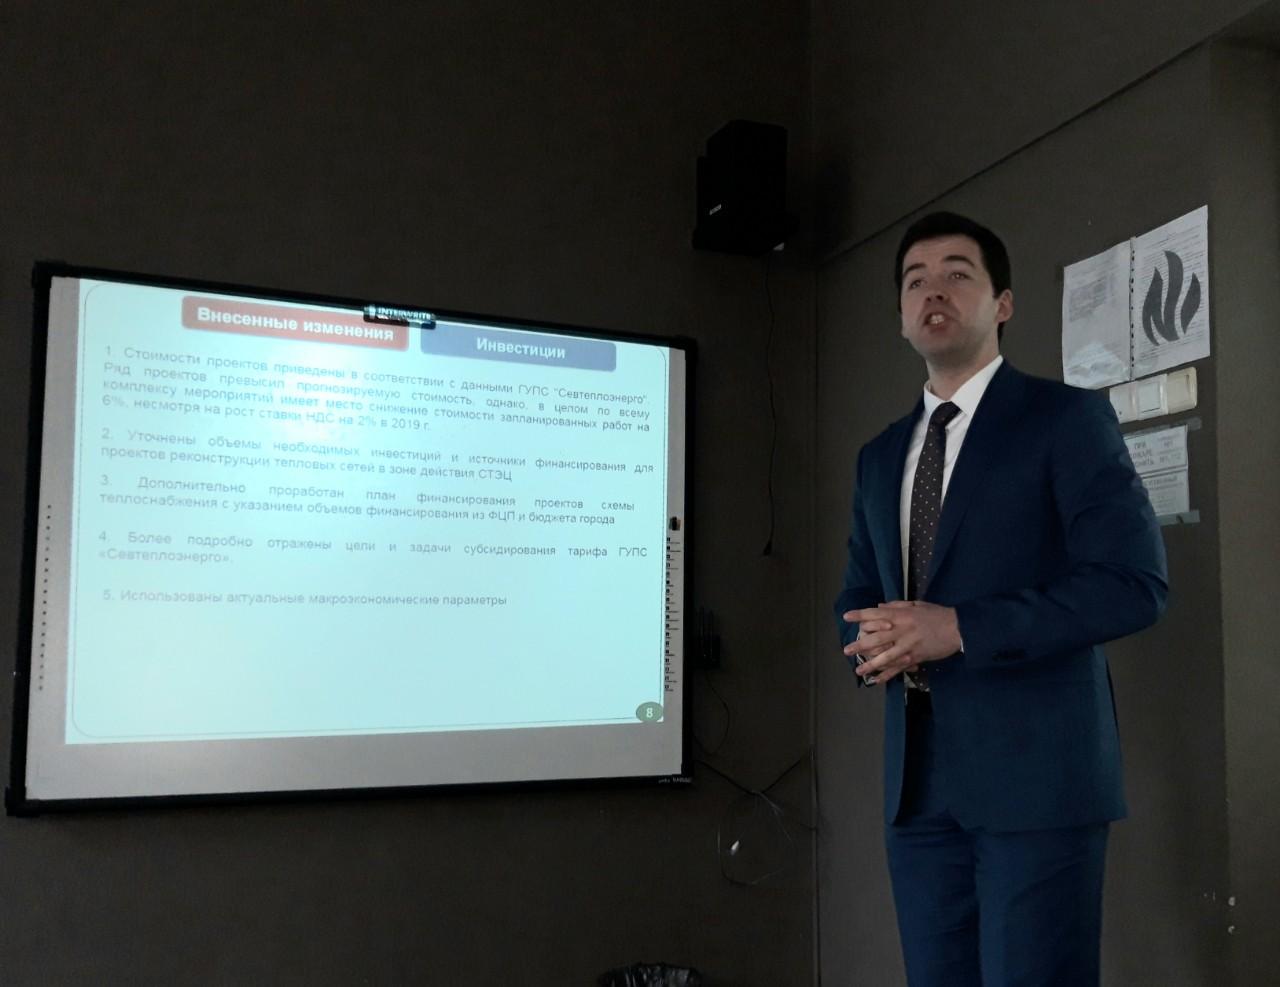 В Севастополе представили доработанный проект актуализированной схемы теплоснабжения города до 2034 года